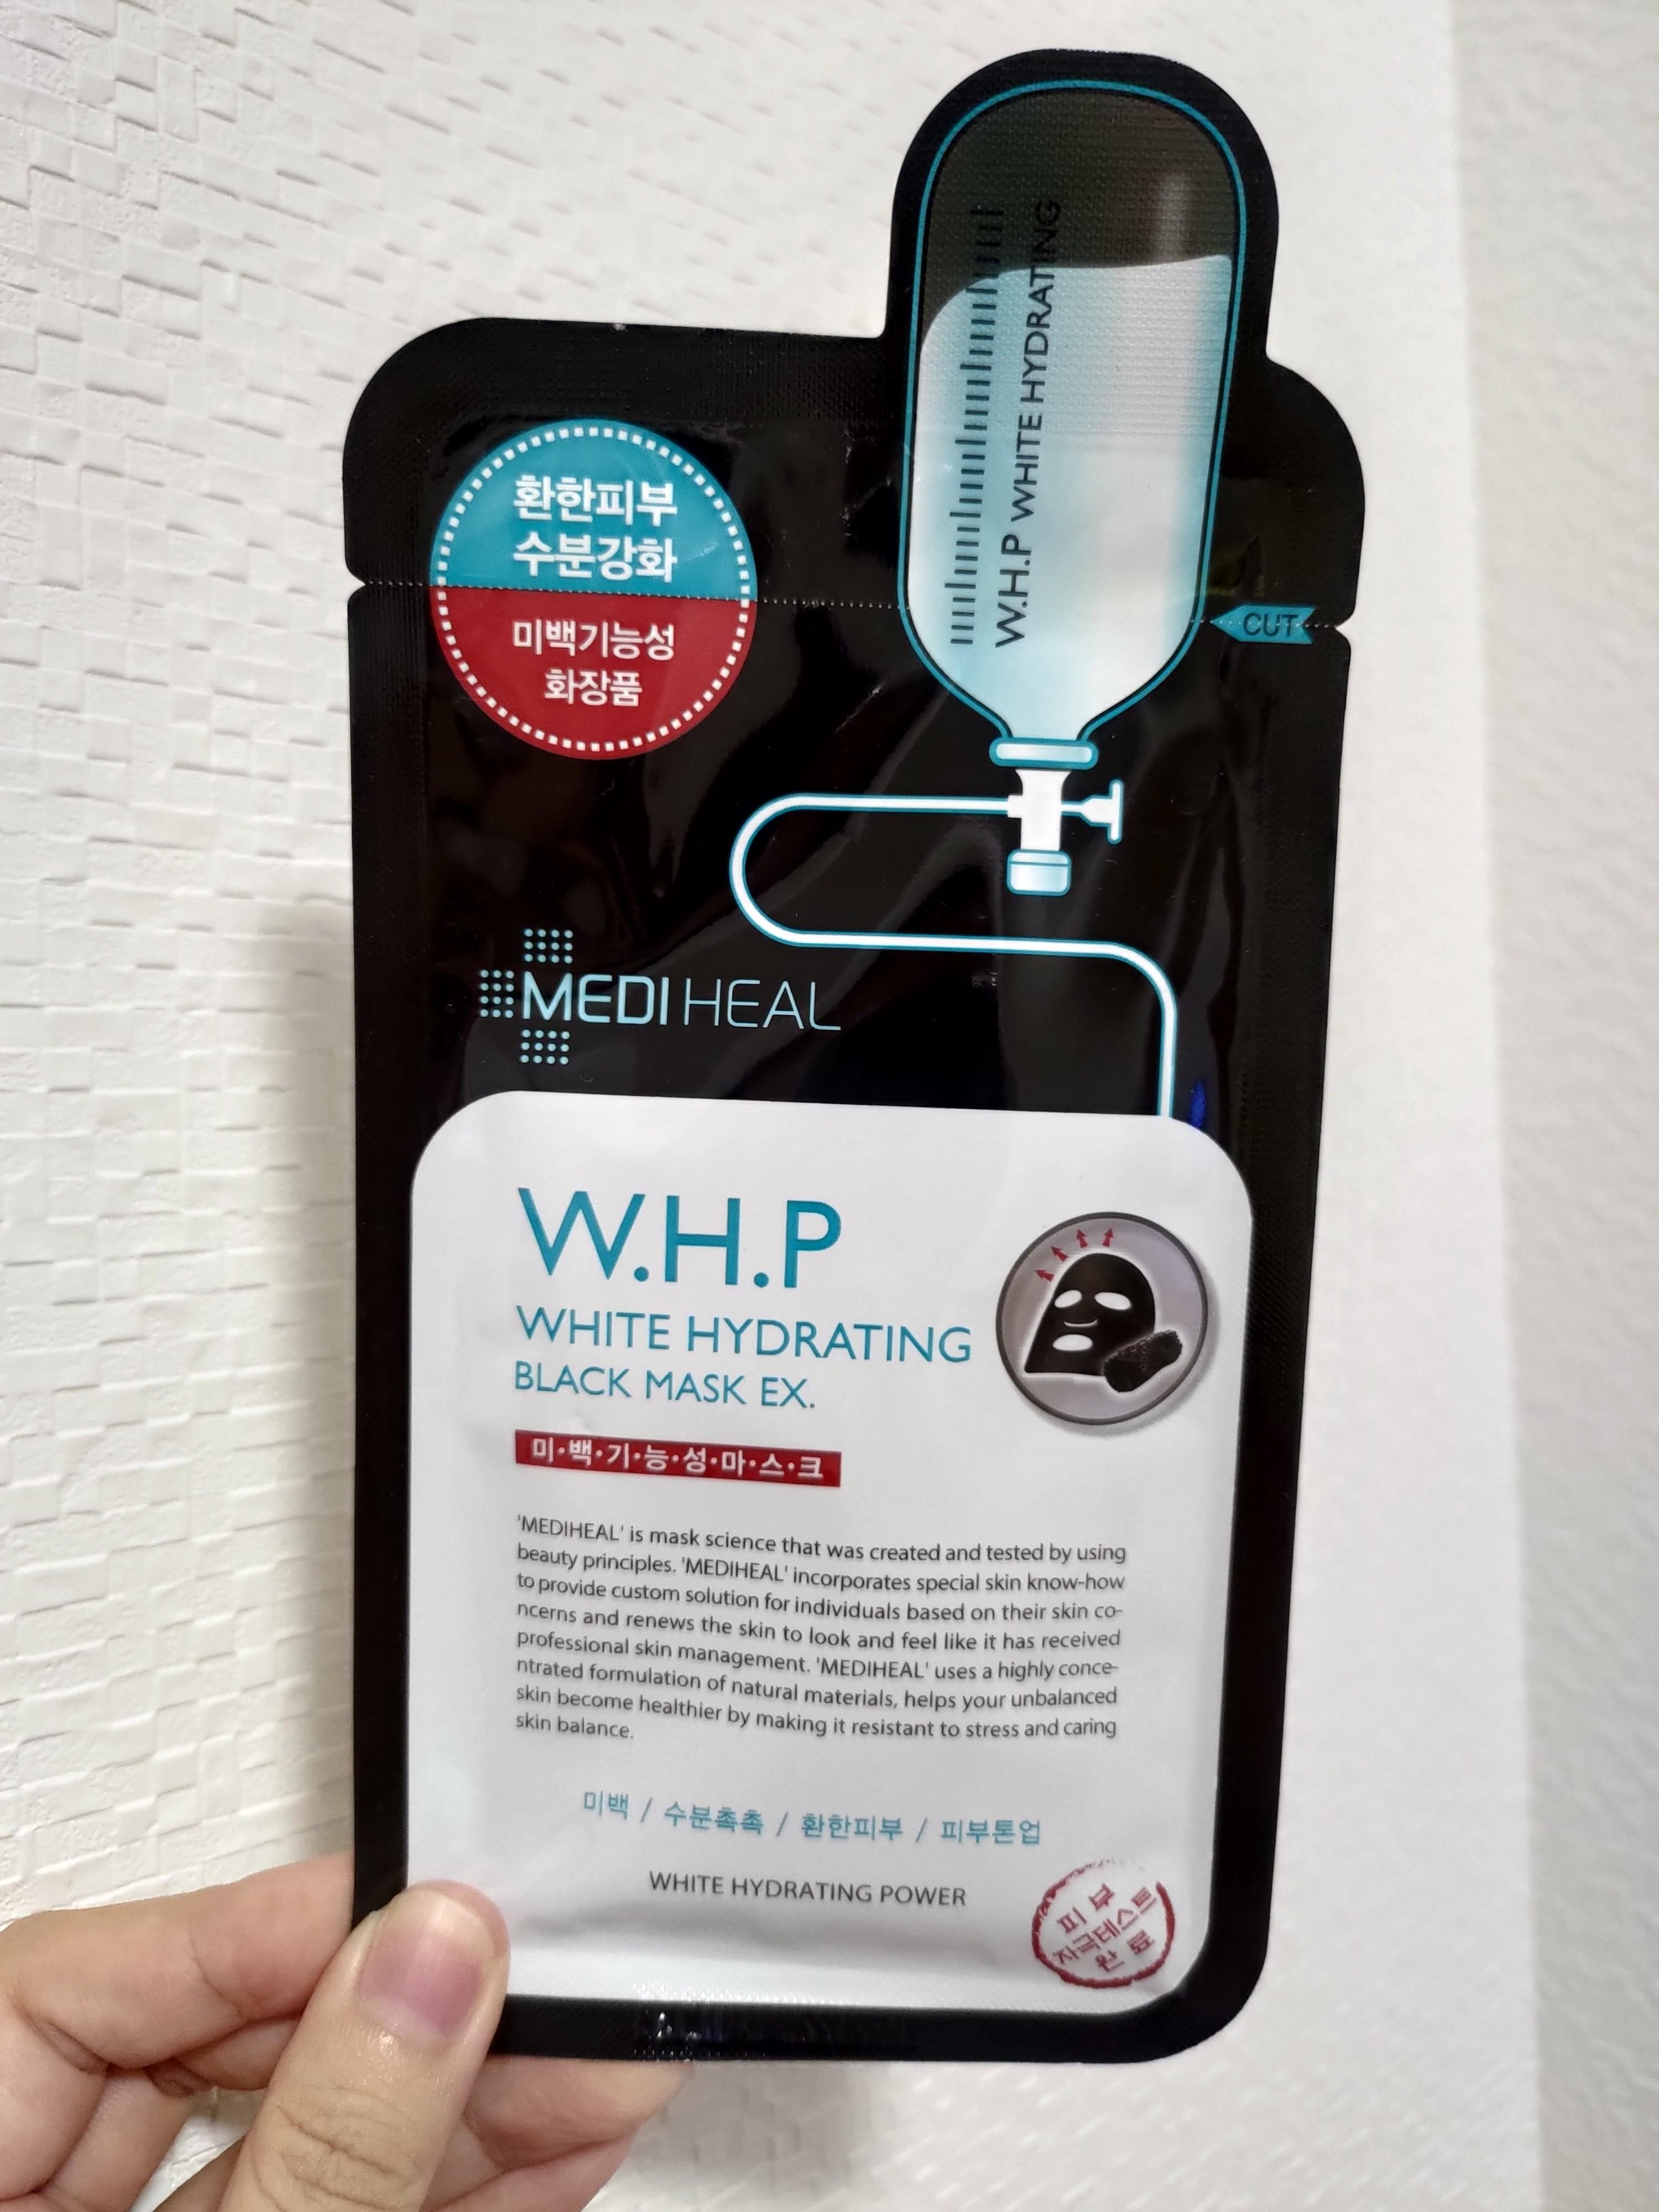 W.H.P ホワイトハイドレイティング ブラックマスクEX